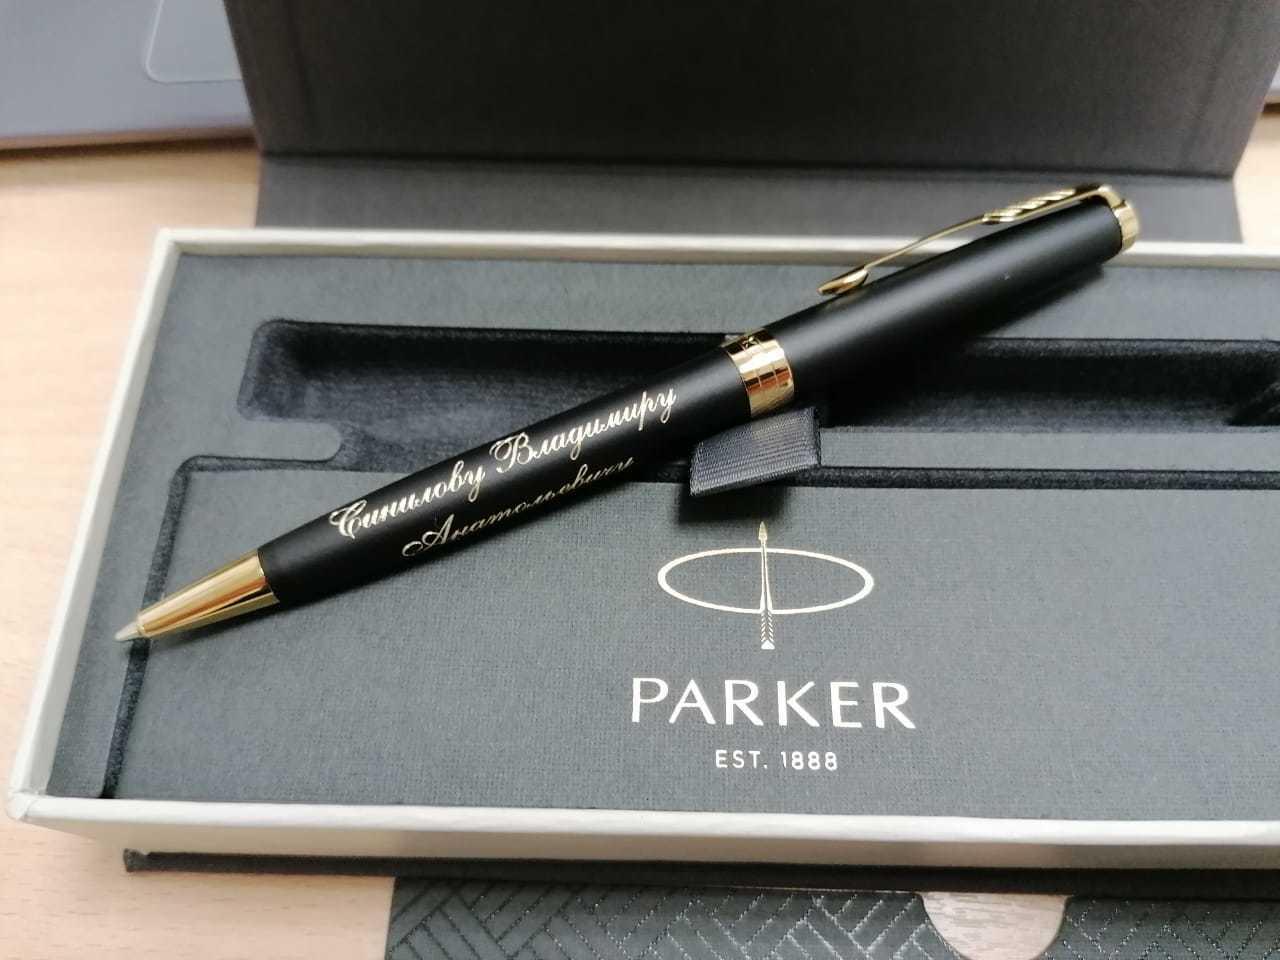 Пример № 7 (Шариковая) /  / Ручка: Parker Sonnet / Место нанесения: № 4 / Шрифт: Anastasia Script / Артикул: 1931519